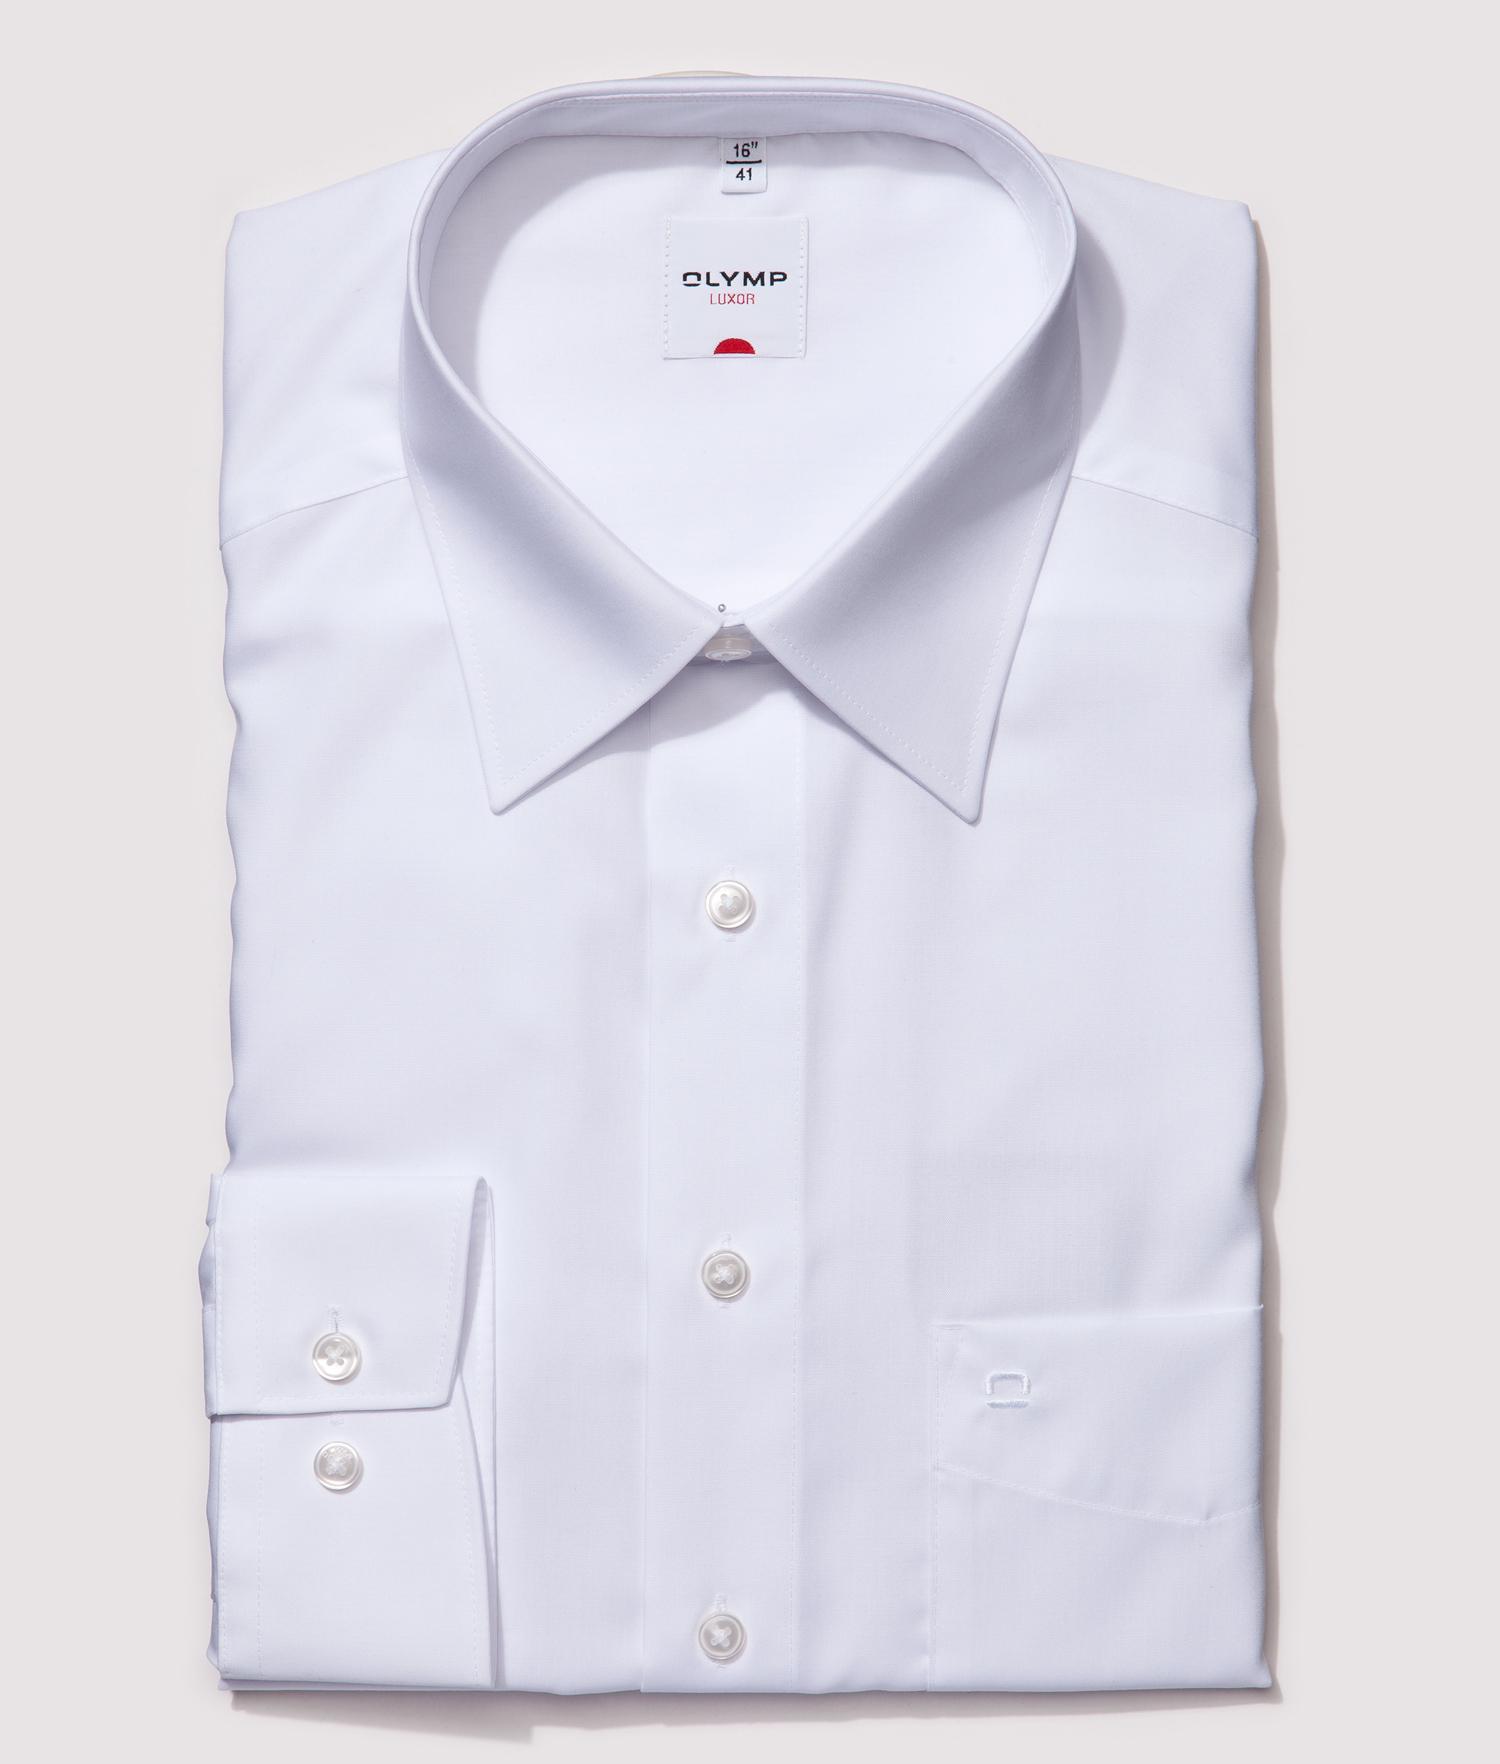 Olymp - Kauluspaita, Comfort Fit, 105-0250-64 Valkoinen